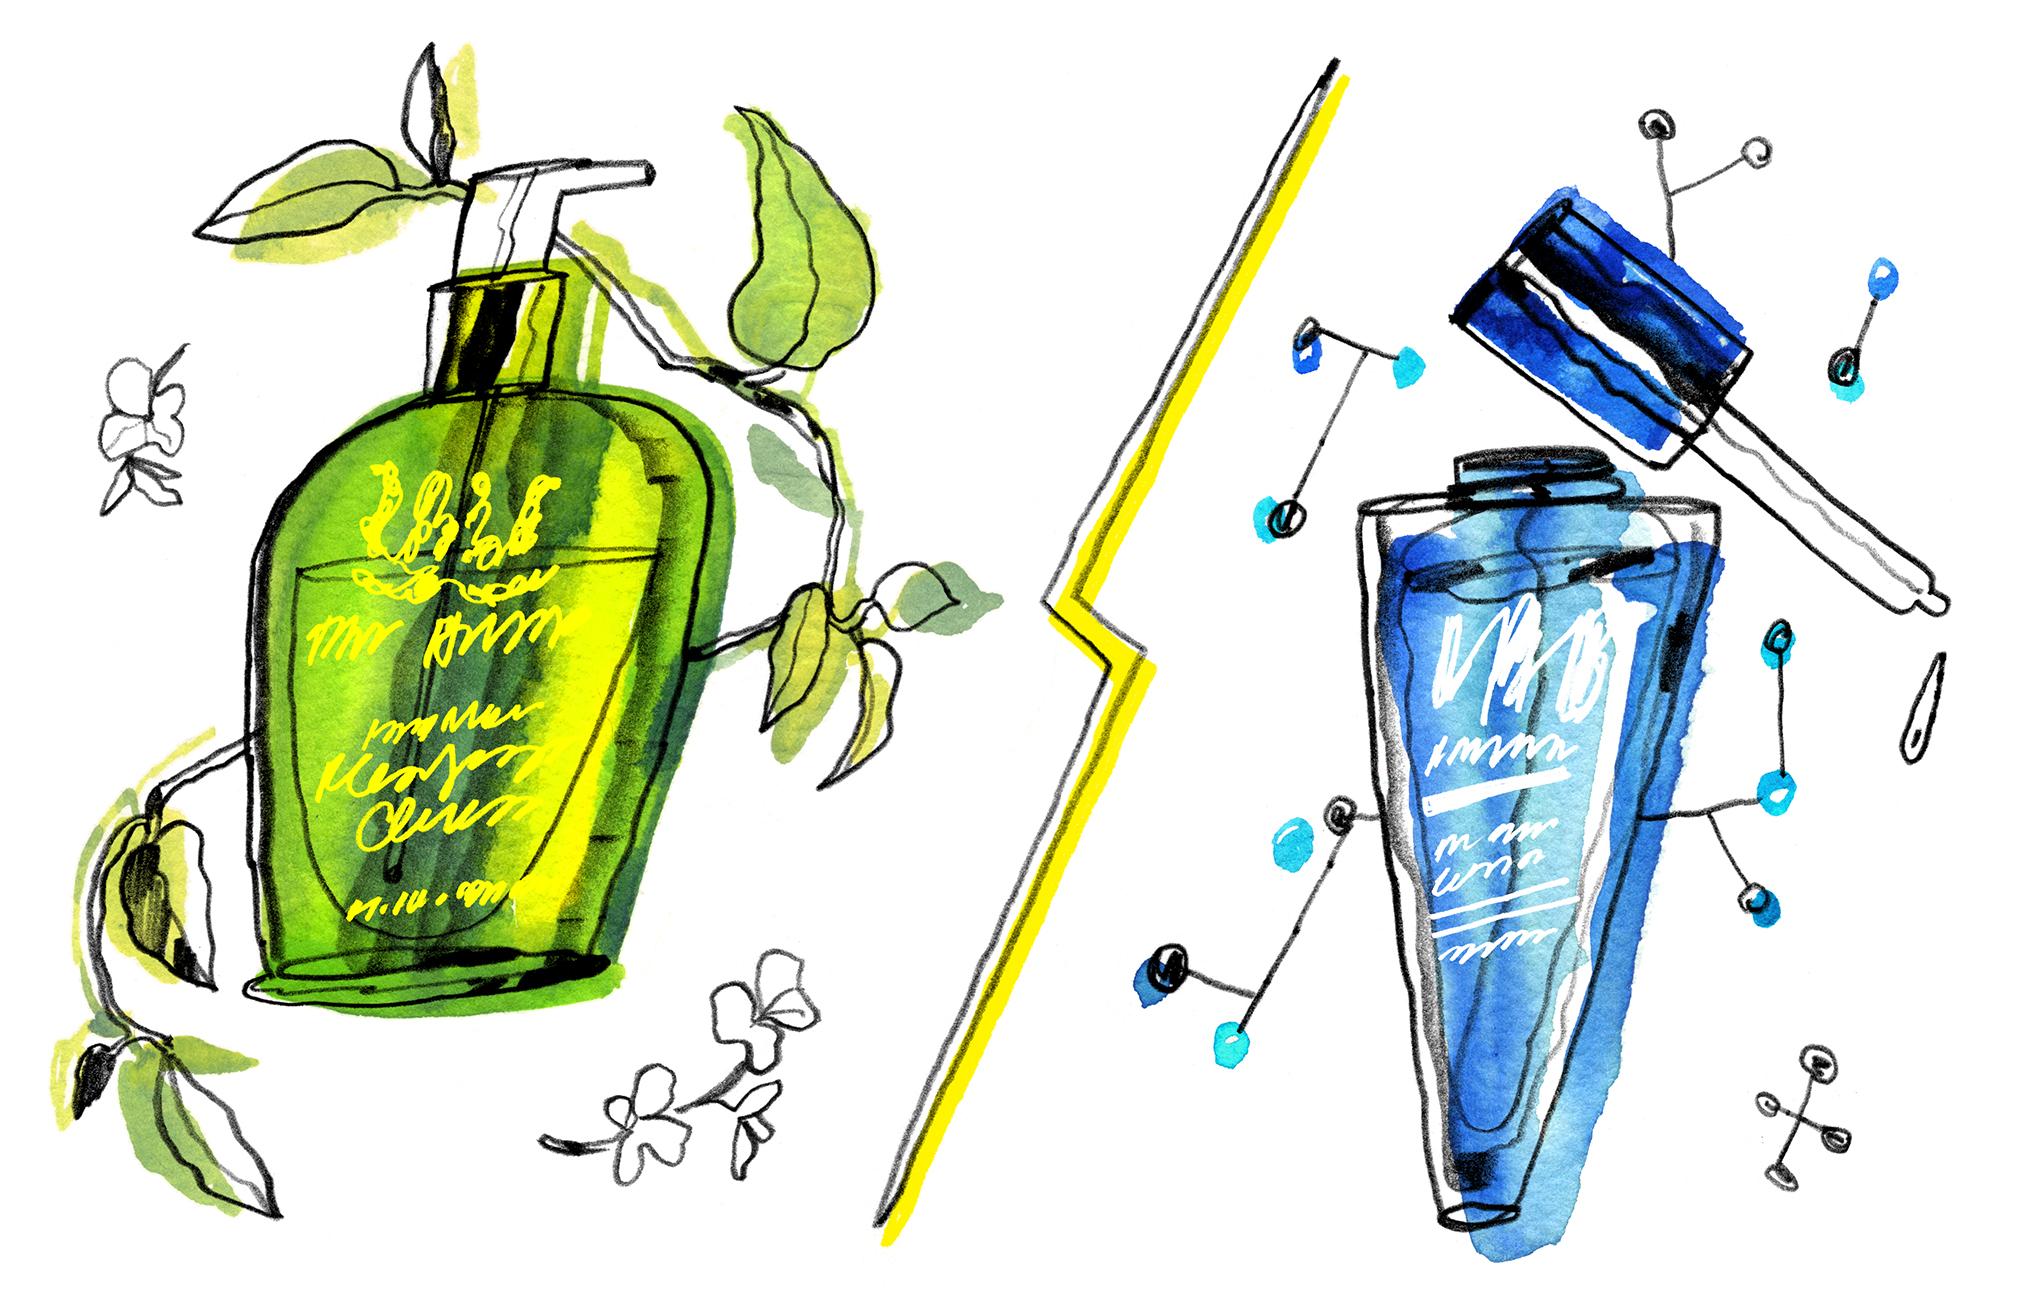 cosmetica-natural-vs-bio